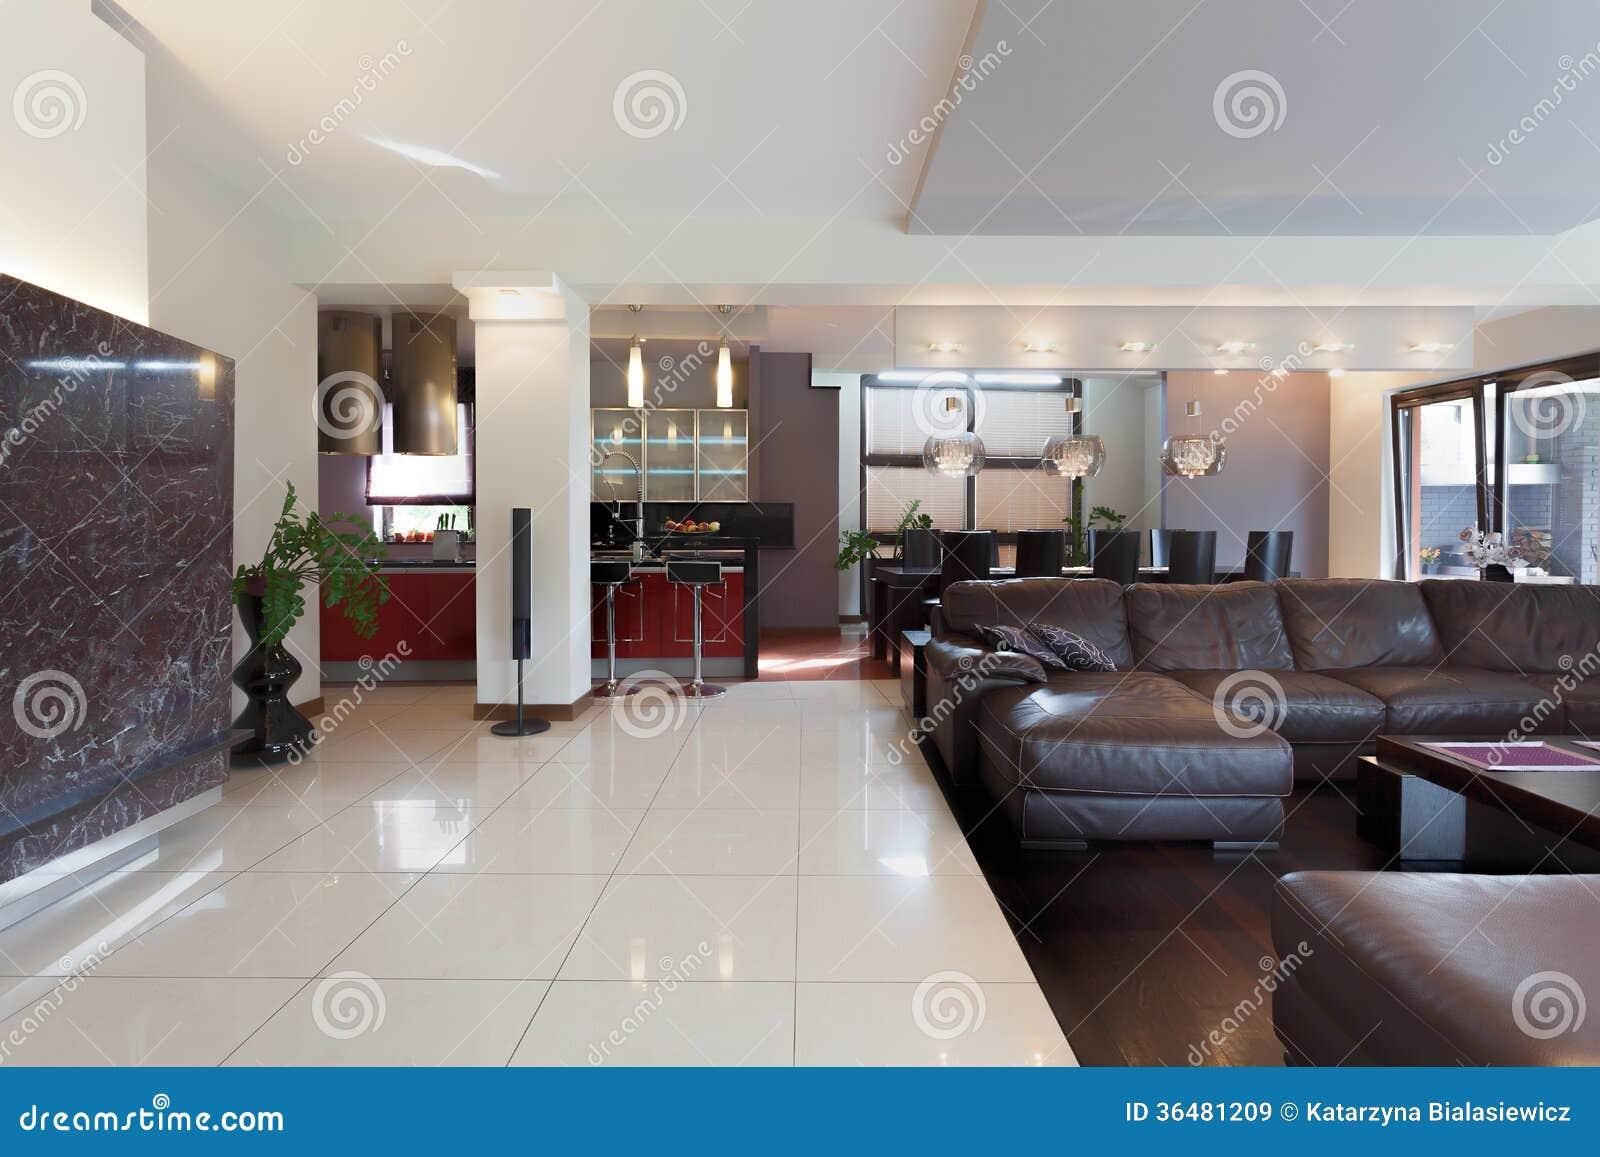 Küche, Wohnzimmer Und Esszimmer Lizenzfreie Stockbilder - Bild ...